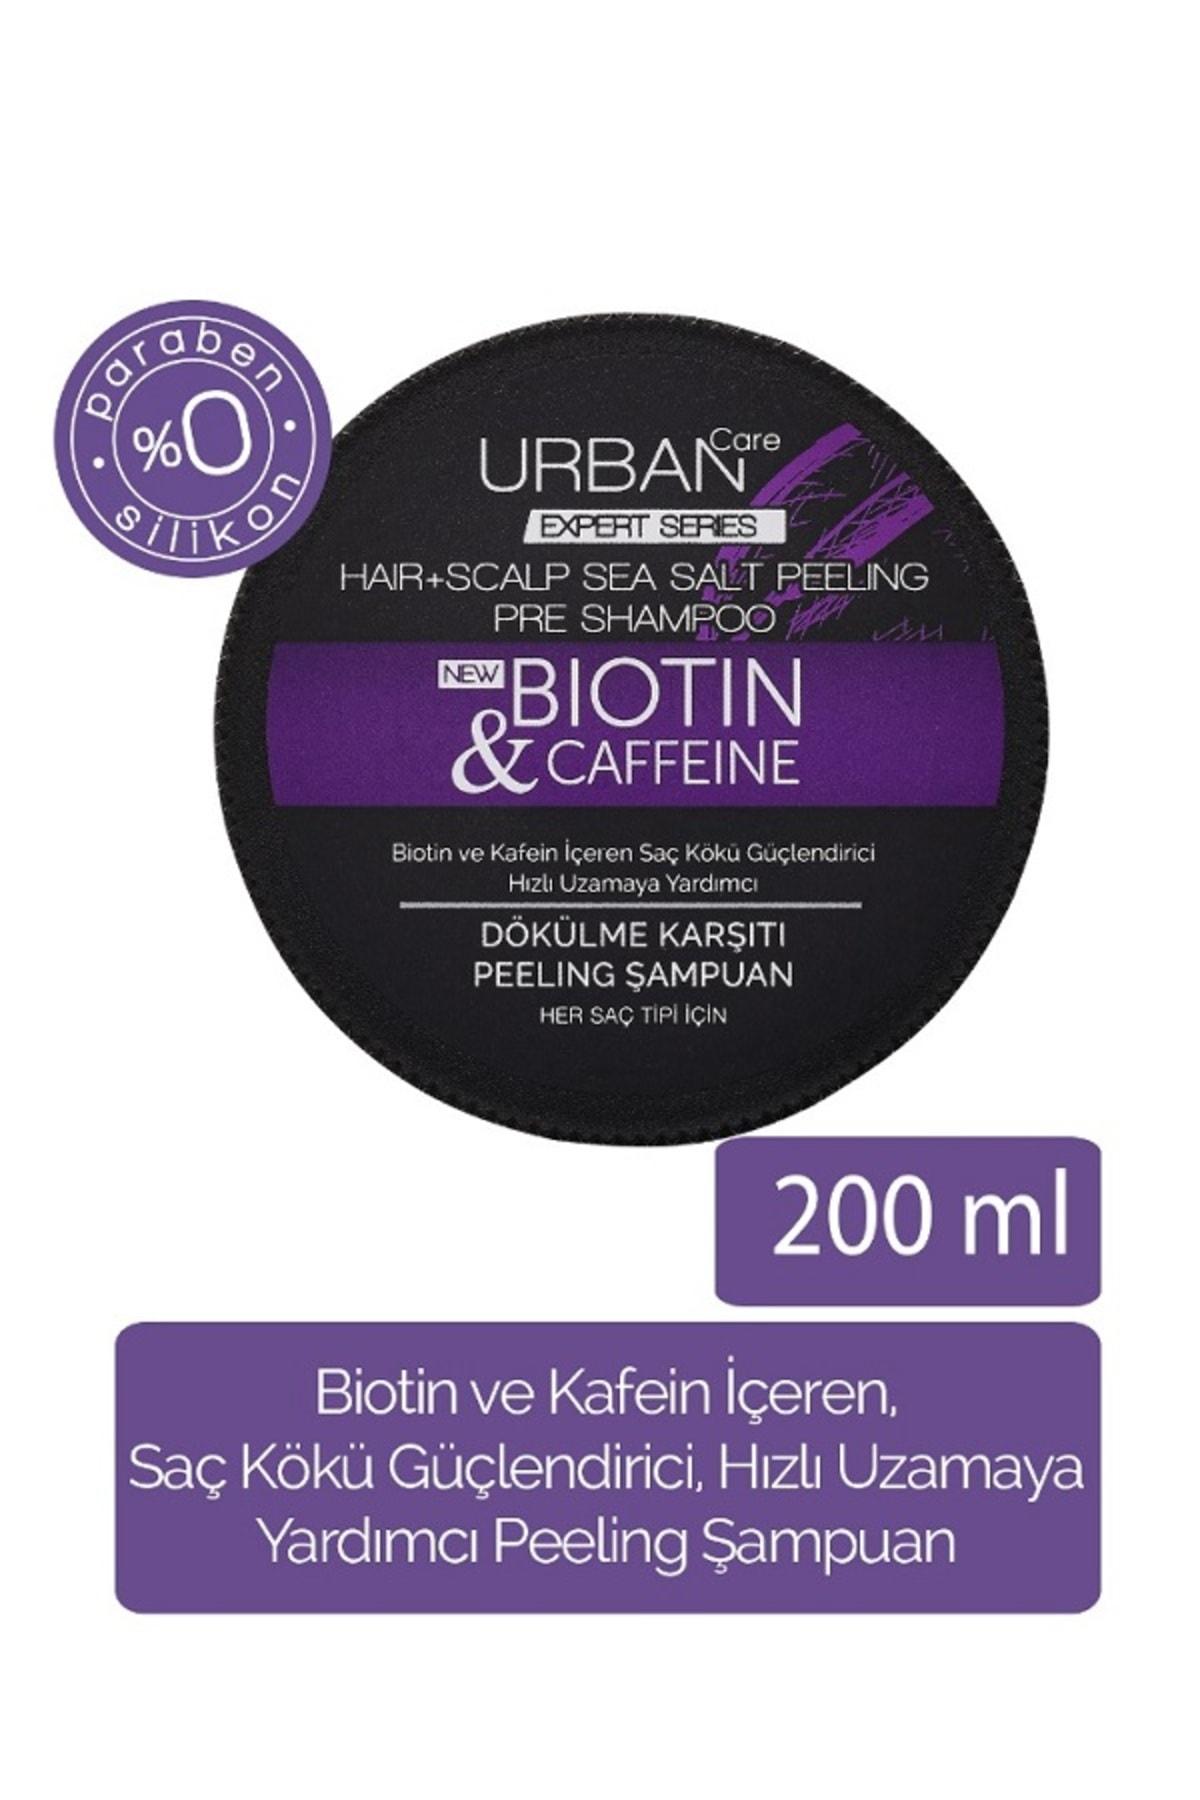 Urban Care Biotin ve Kafein içeren Saç Kökü Güçlendirici Peeling Şampuan 200 ml 8680690702280 1